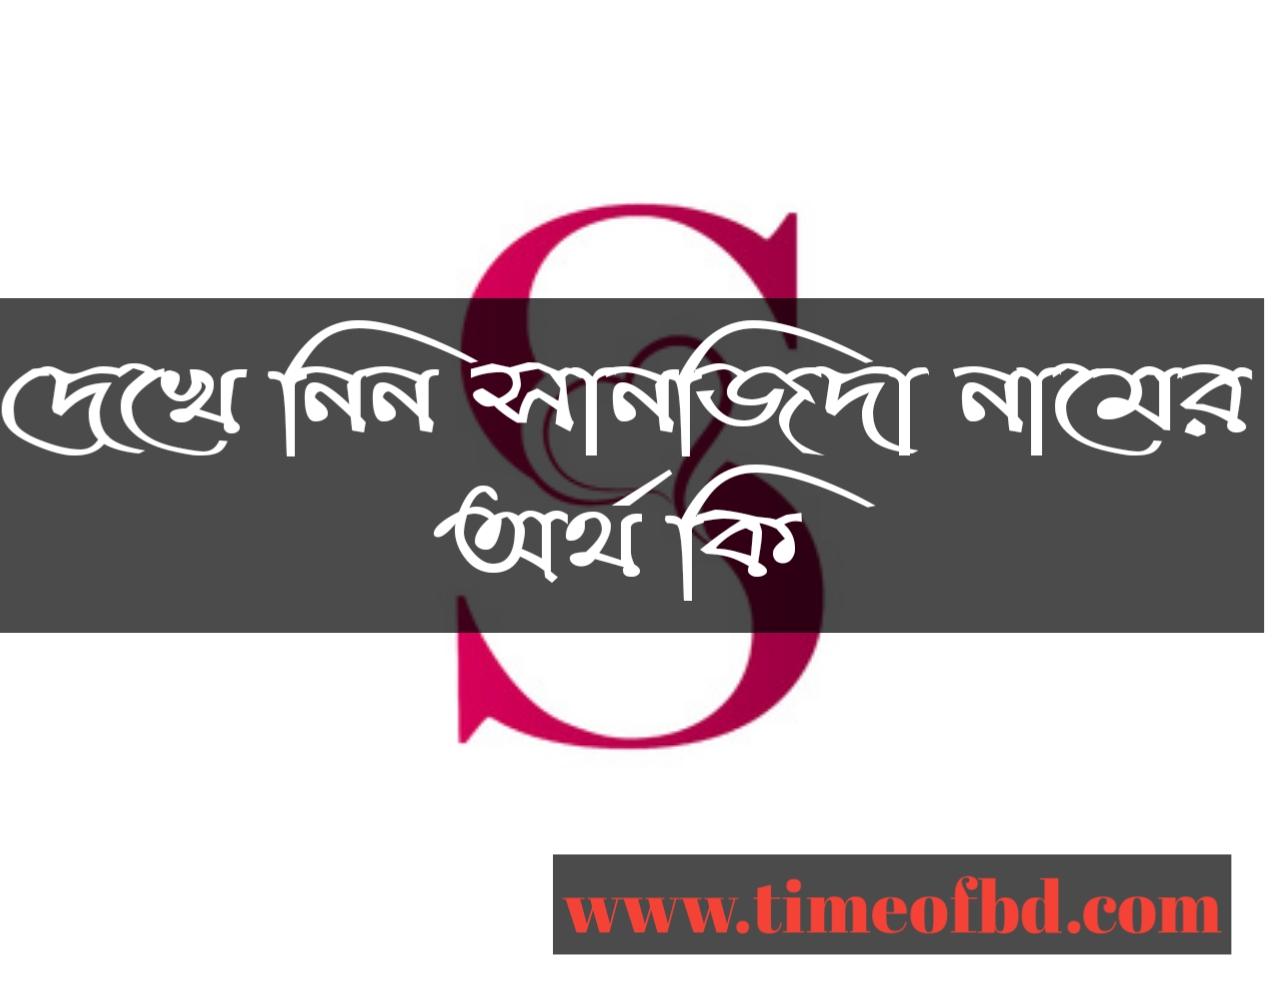 Sanjeeda name meaning in Bengali arabic and islamic, সানজিদা নামের অর্থ কি, সানজিদা নামের বাংলা ইসলামিক আরবী অর্থ কি, সানজিদা কি ইসলামিক /আরবী নাম